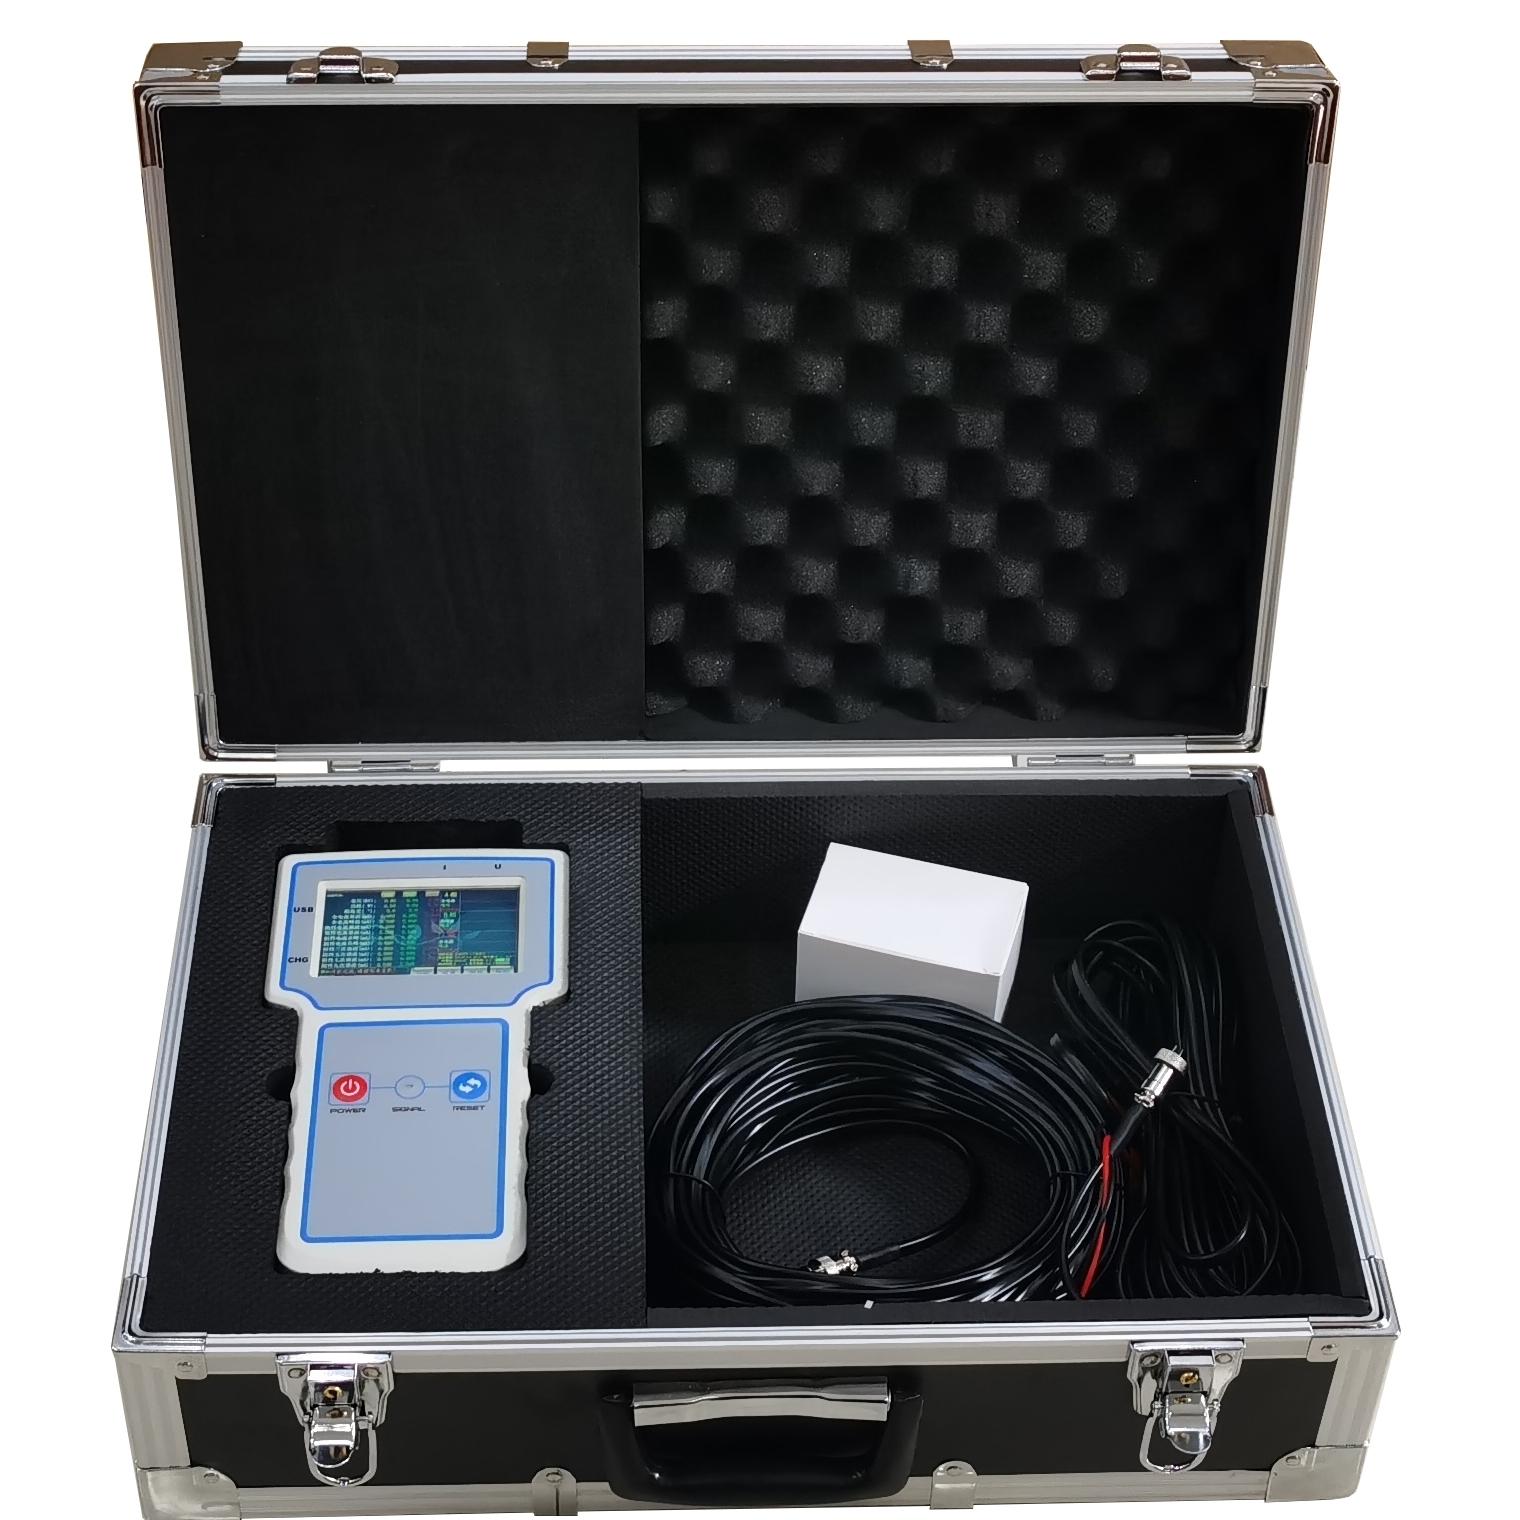 PNCD205 氧化锌避雷器带电测试仪